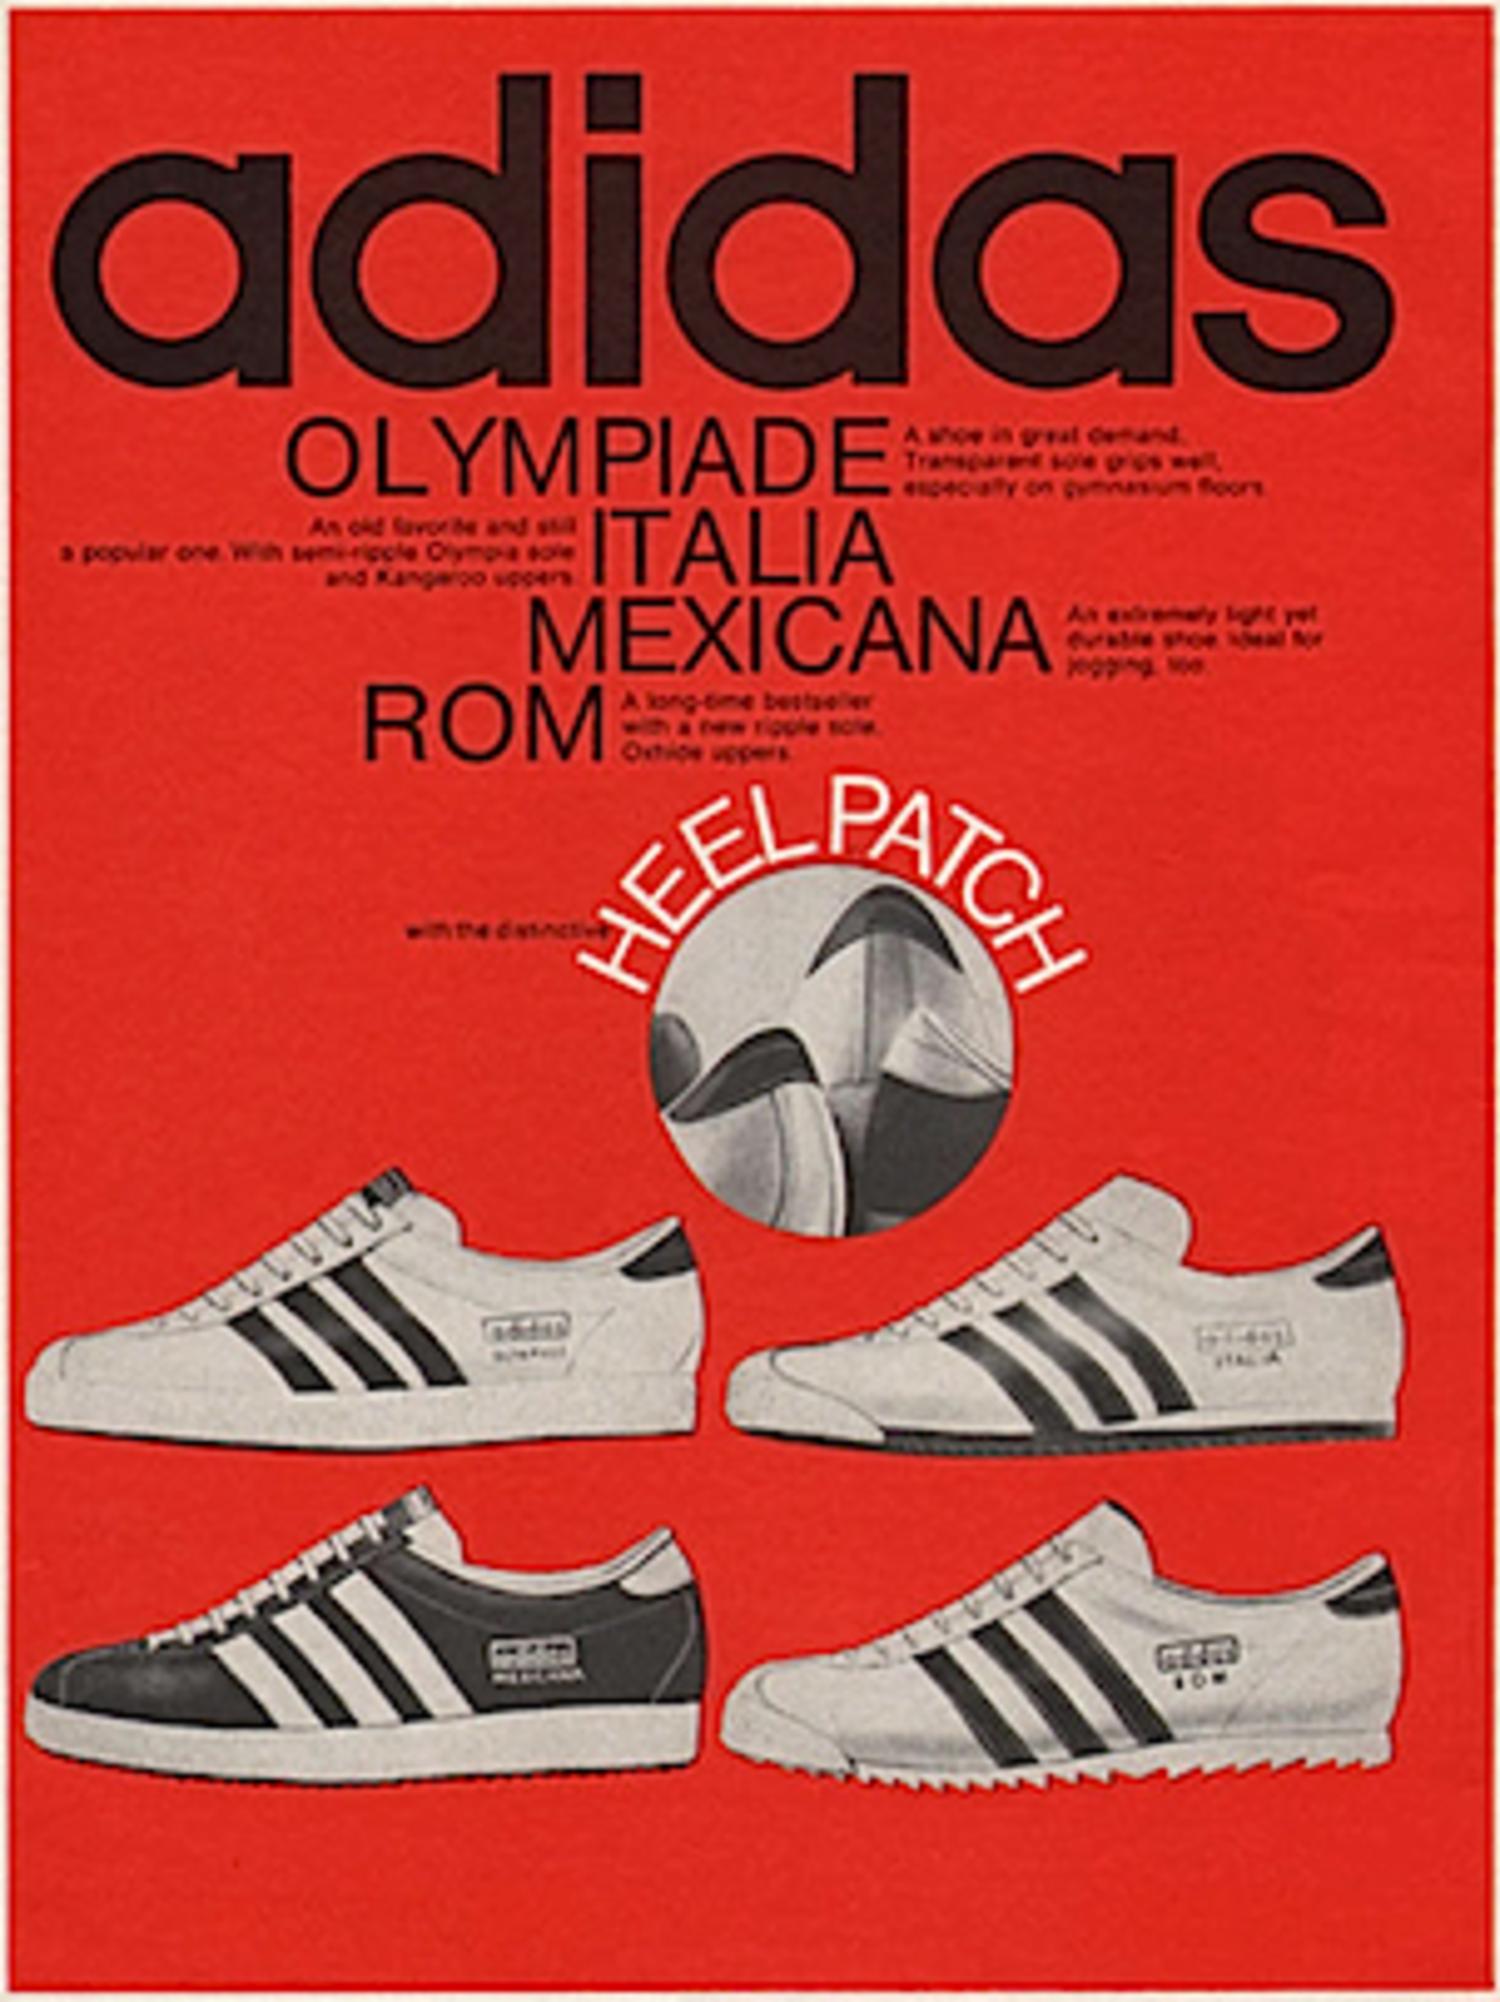 Las Adidas Olympia fueron lanzadas en la década de los 70. Actualmente son parte de la vestimenta 'casual'.